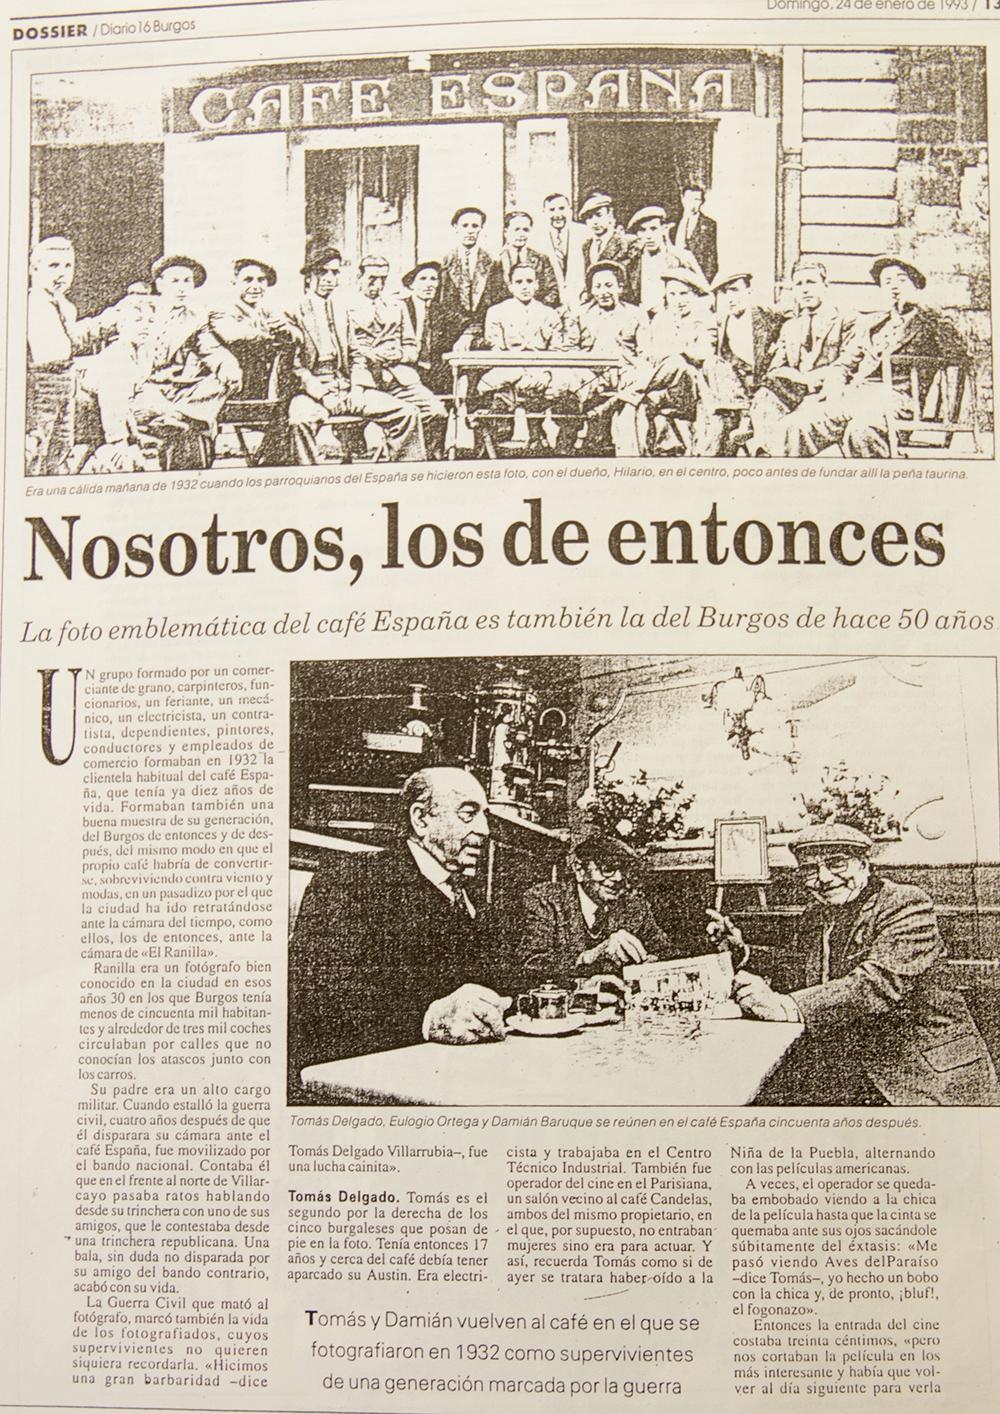 Diario16 Burgos, 1993. Nosotros, los de entonces.